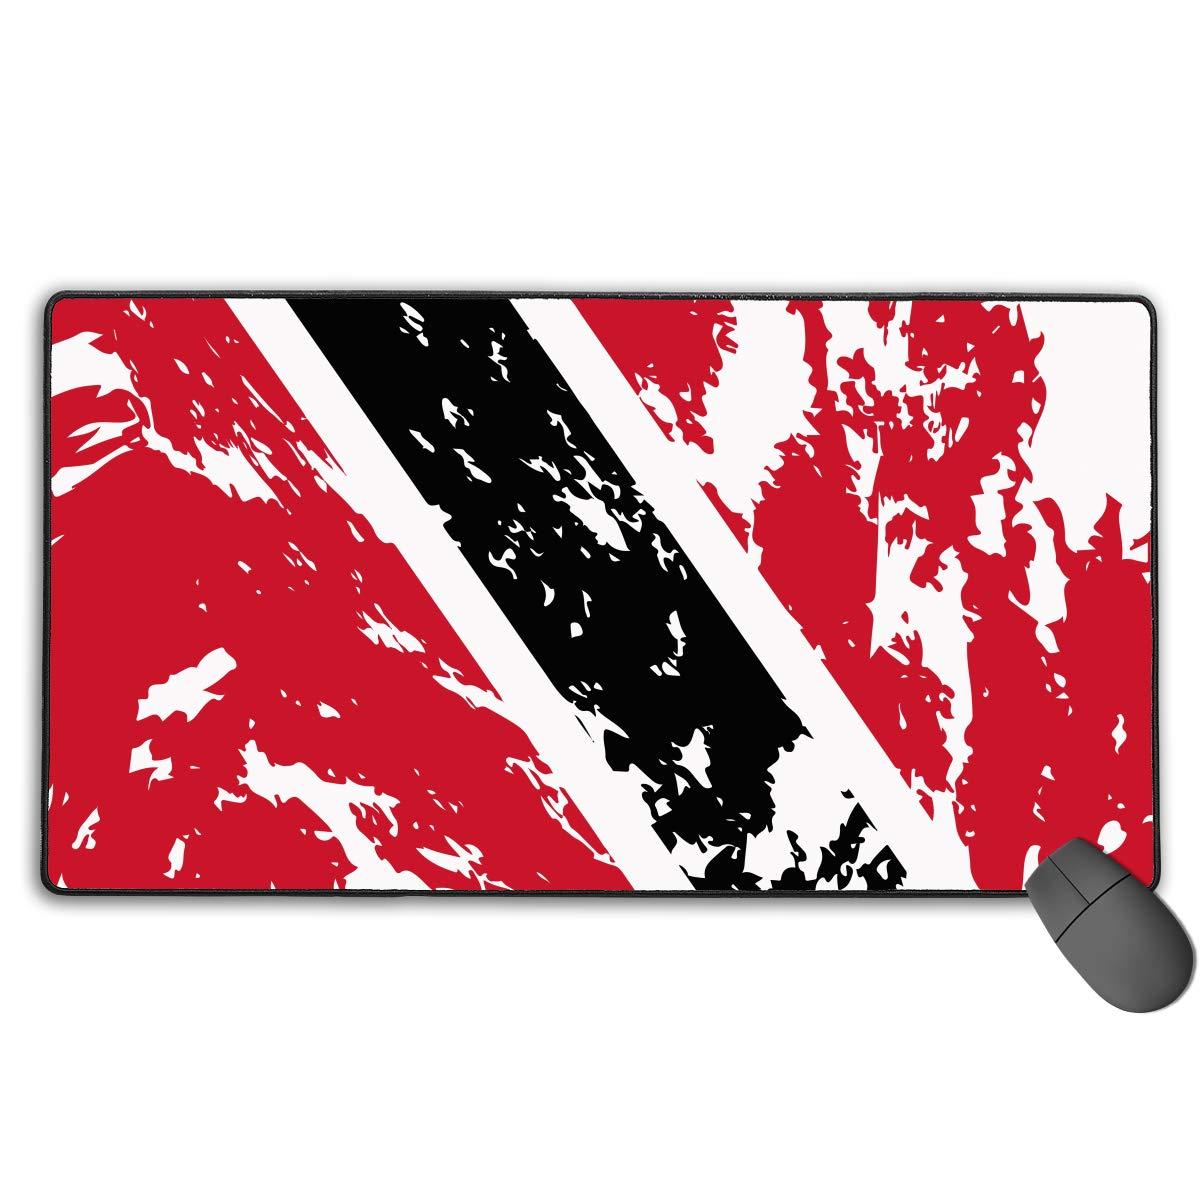 ゲーミングマウスマット マウスパッド かわいいマウスパッド ノンスリップベース 防水 マウスマット ステッチ ほつれ防止エッジ ノートパソコン オフィス 洗えるデスクライティングパッド - コンピュータキーボードパッドマット (15.7x29.5インチ) 15.7 × 29.5 inch グレイ B07NPGXYWH Trinidad and Tobago Flag 15.7 × 29.5 inch